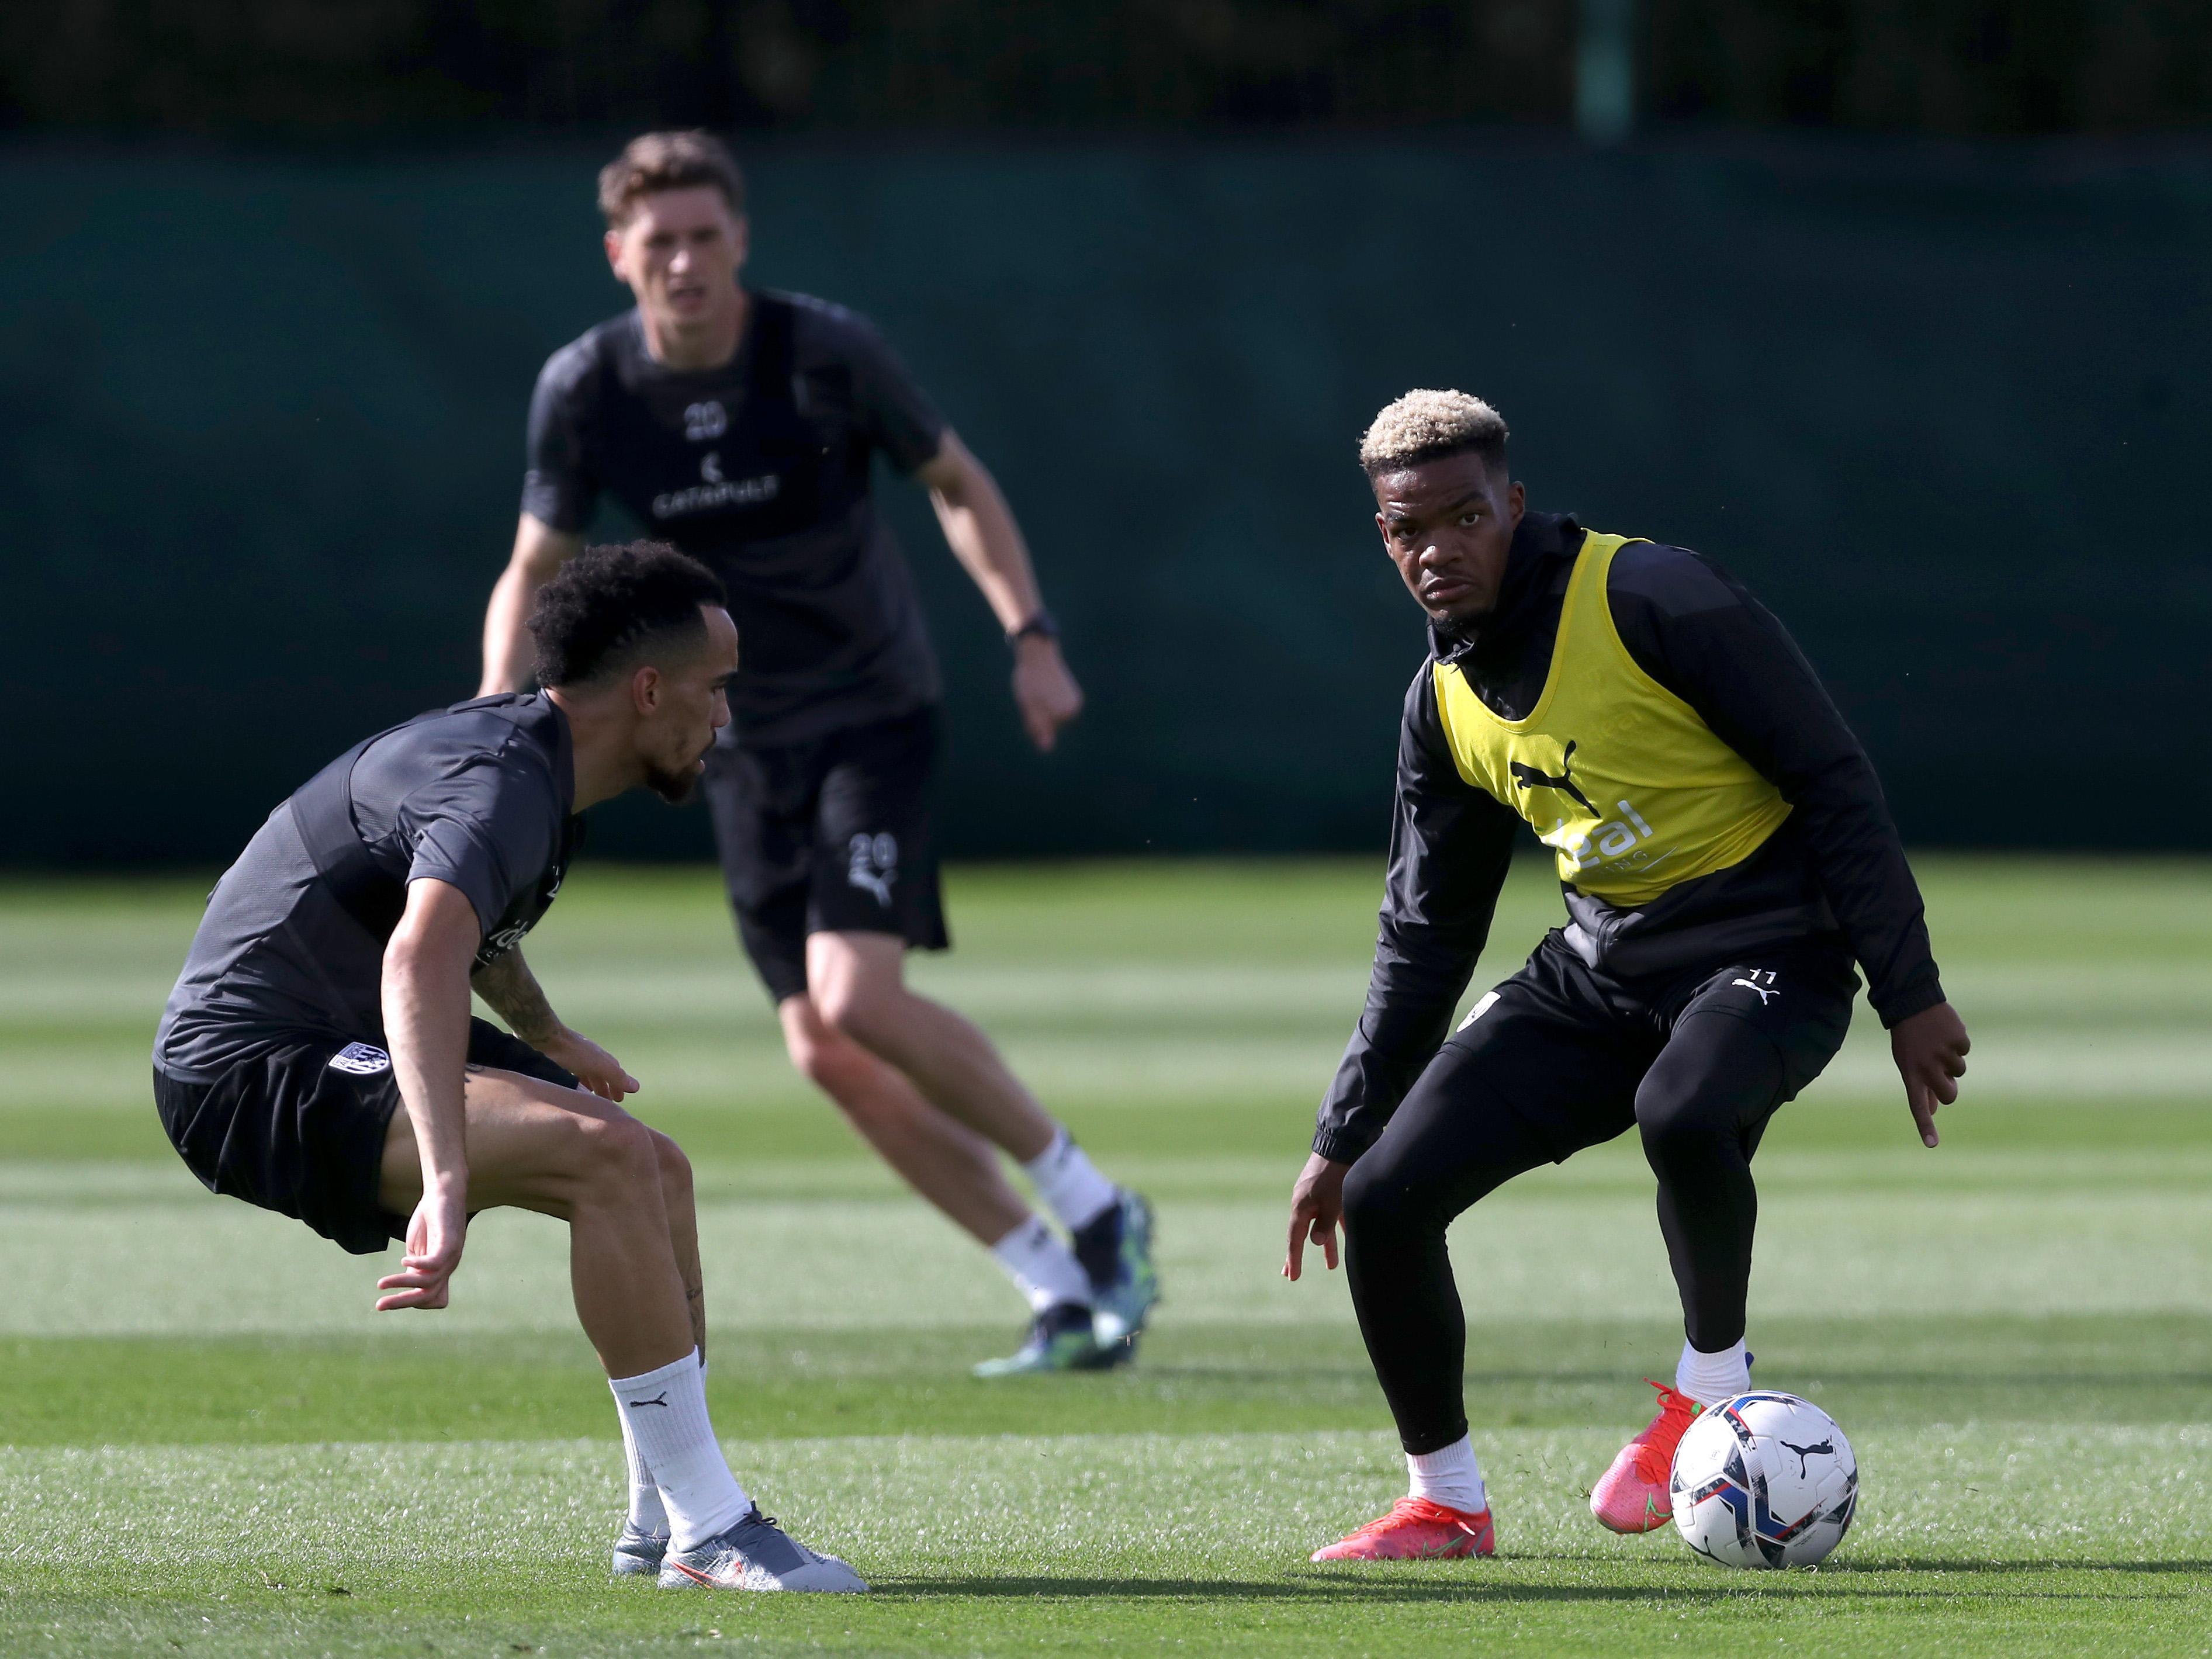 Derby training